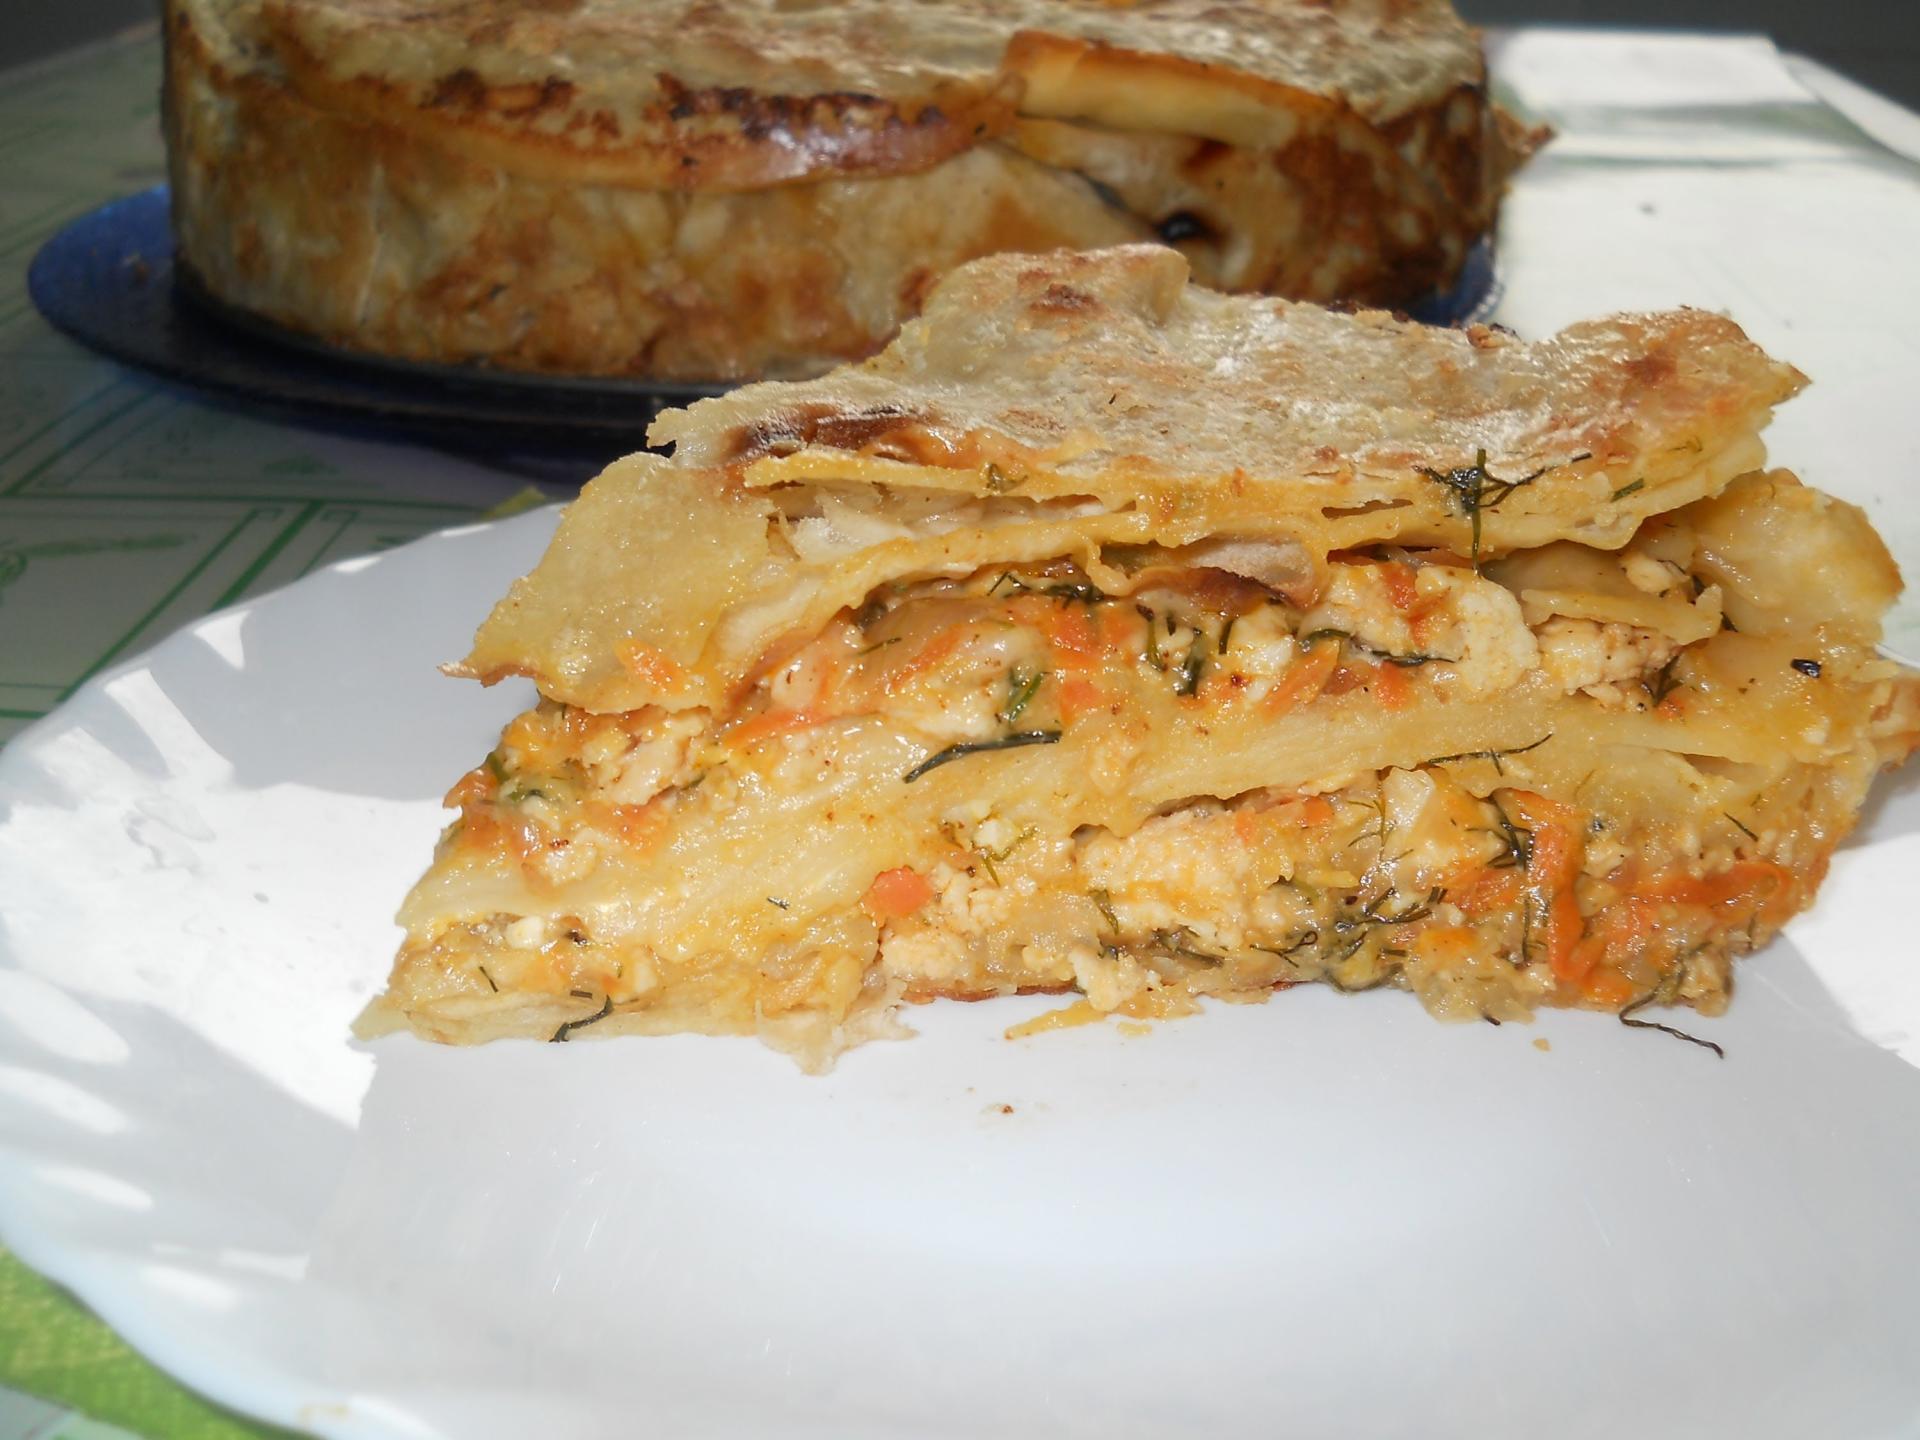 лазанья простая рецепт приготовления в домашних условиях